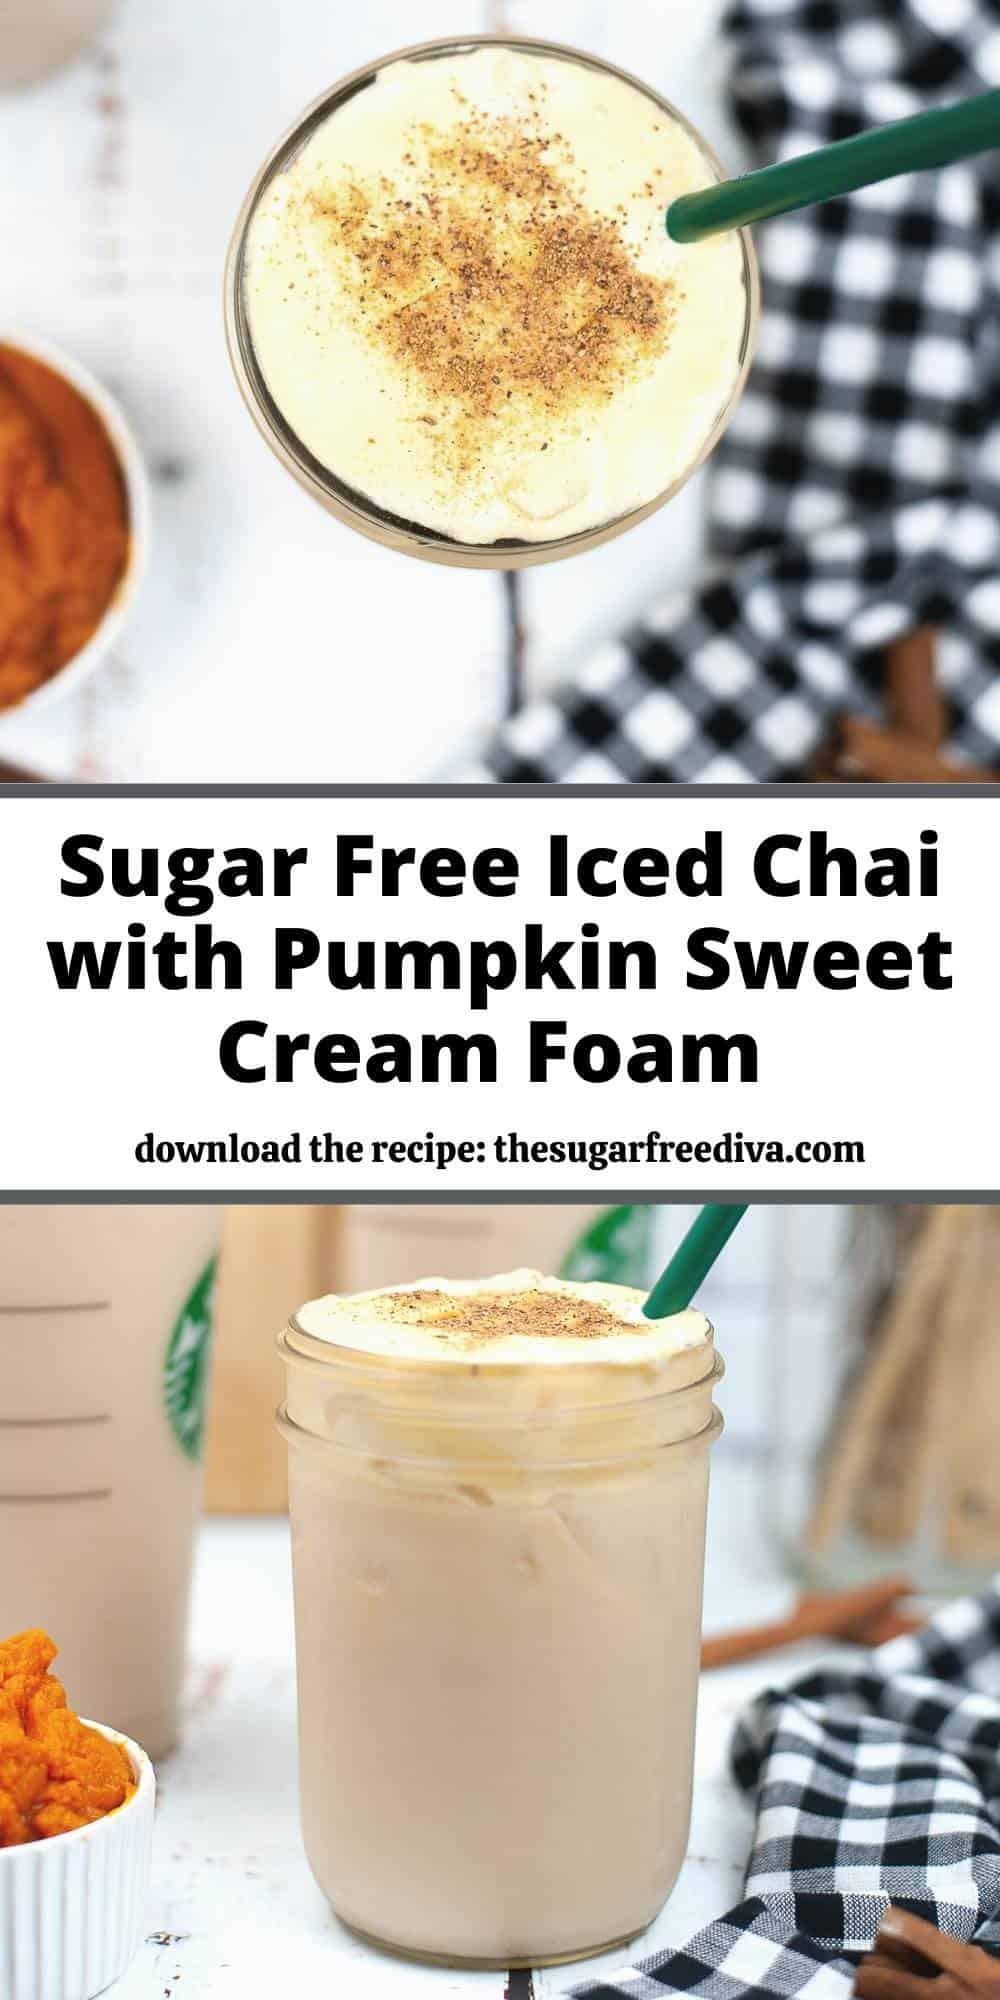 Sugar Free Iced Pumpkin Chai